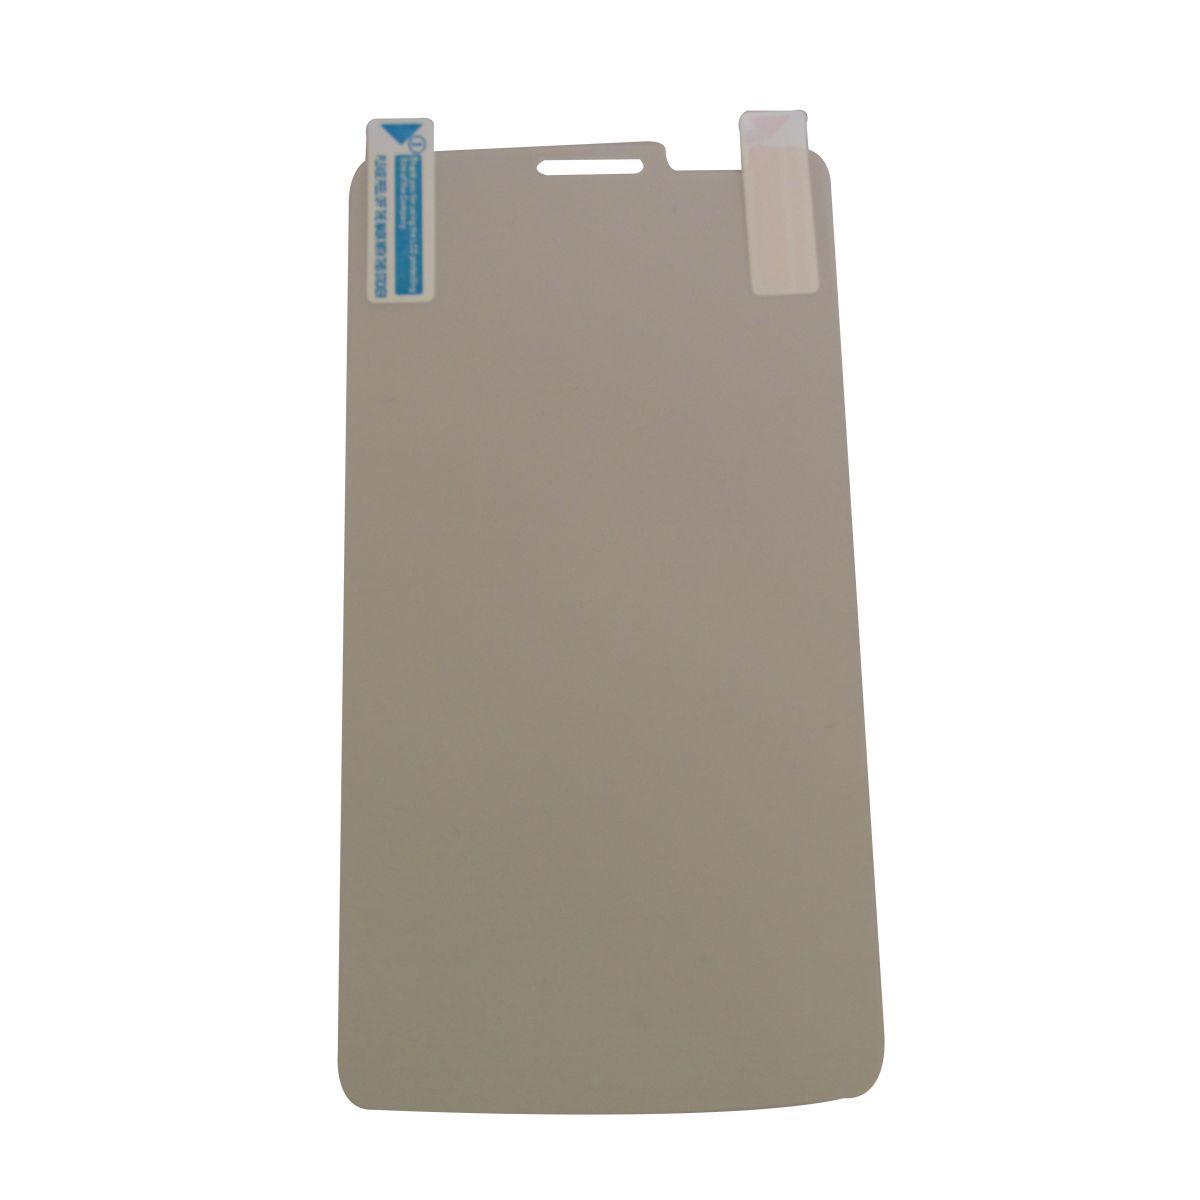 Película Protetora para Lg G3 Stylus D690 - Fosca